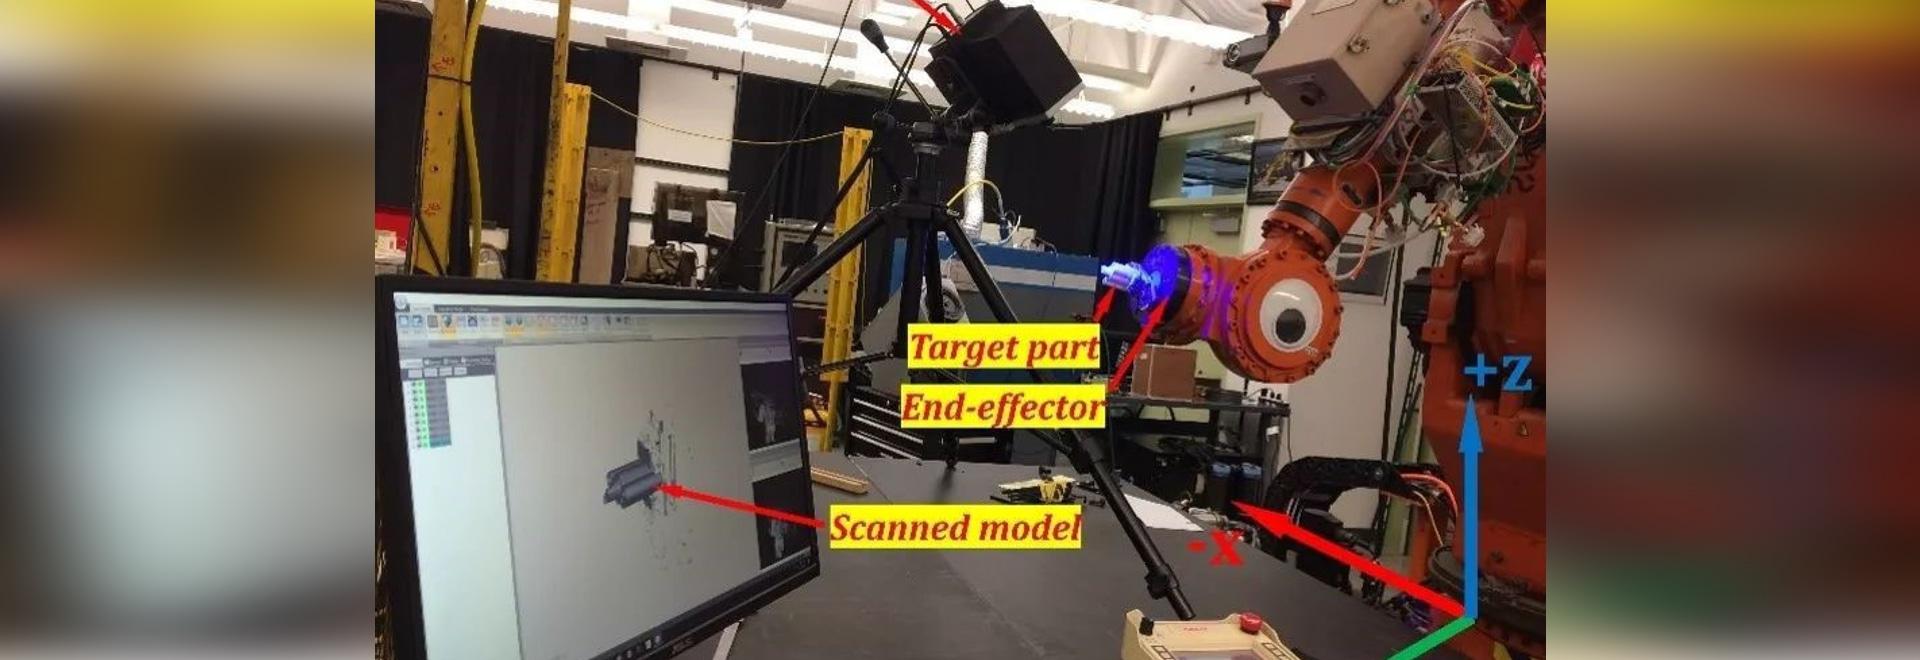 L'università del Missouri di scienza e tecnologia ha utilizzato OptimScan-5M nella riparazione laser-aiutata delle componenti metalliche